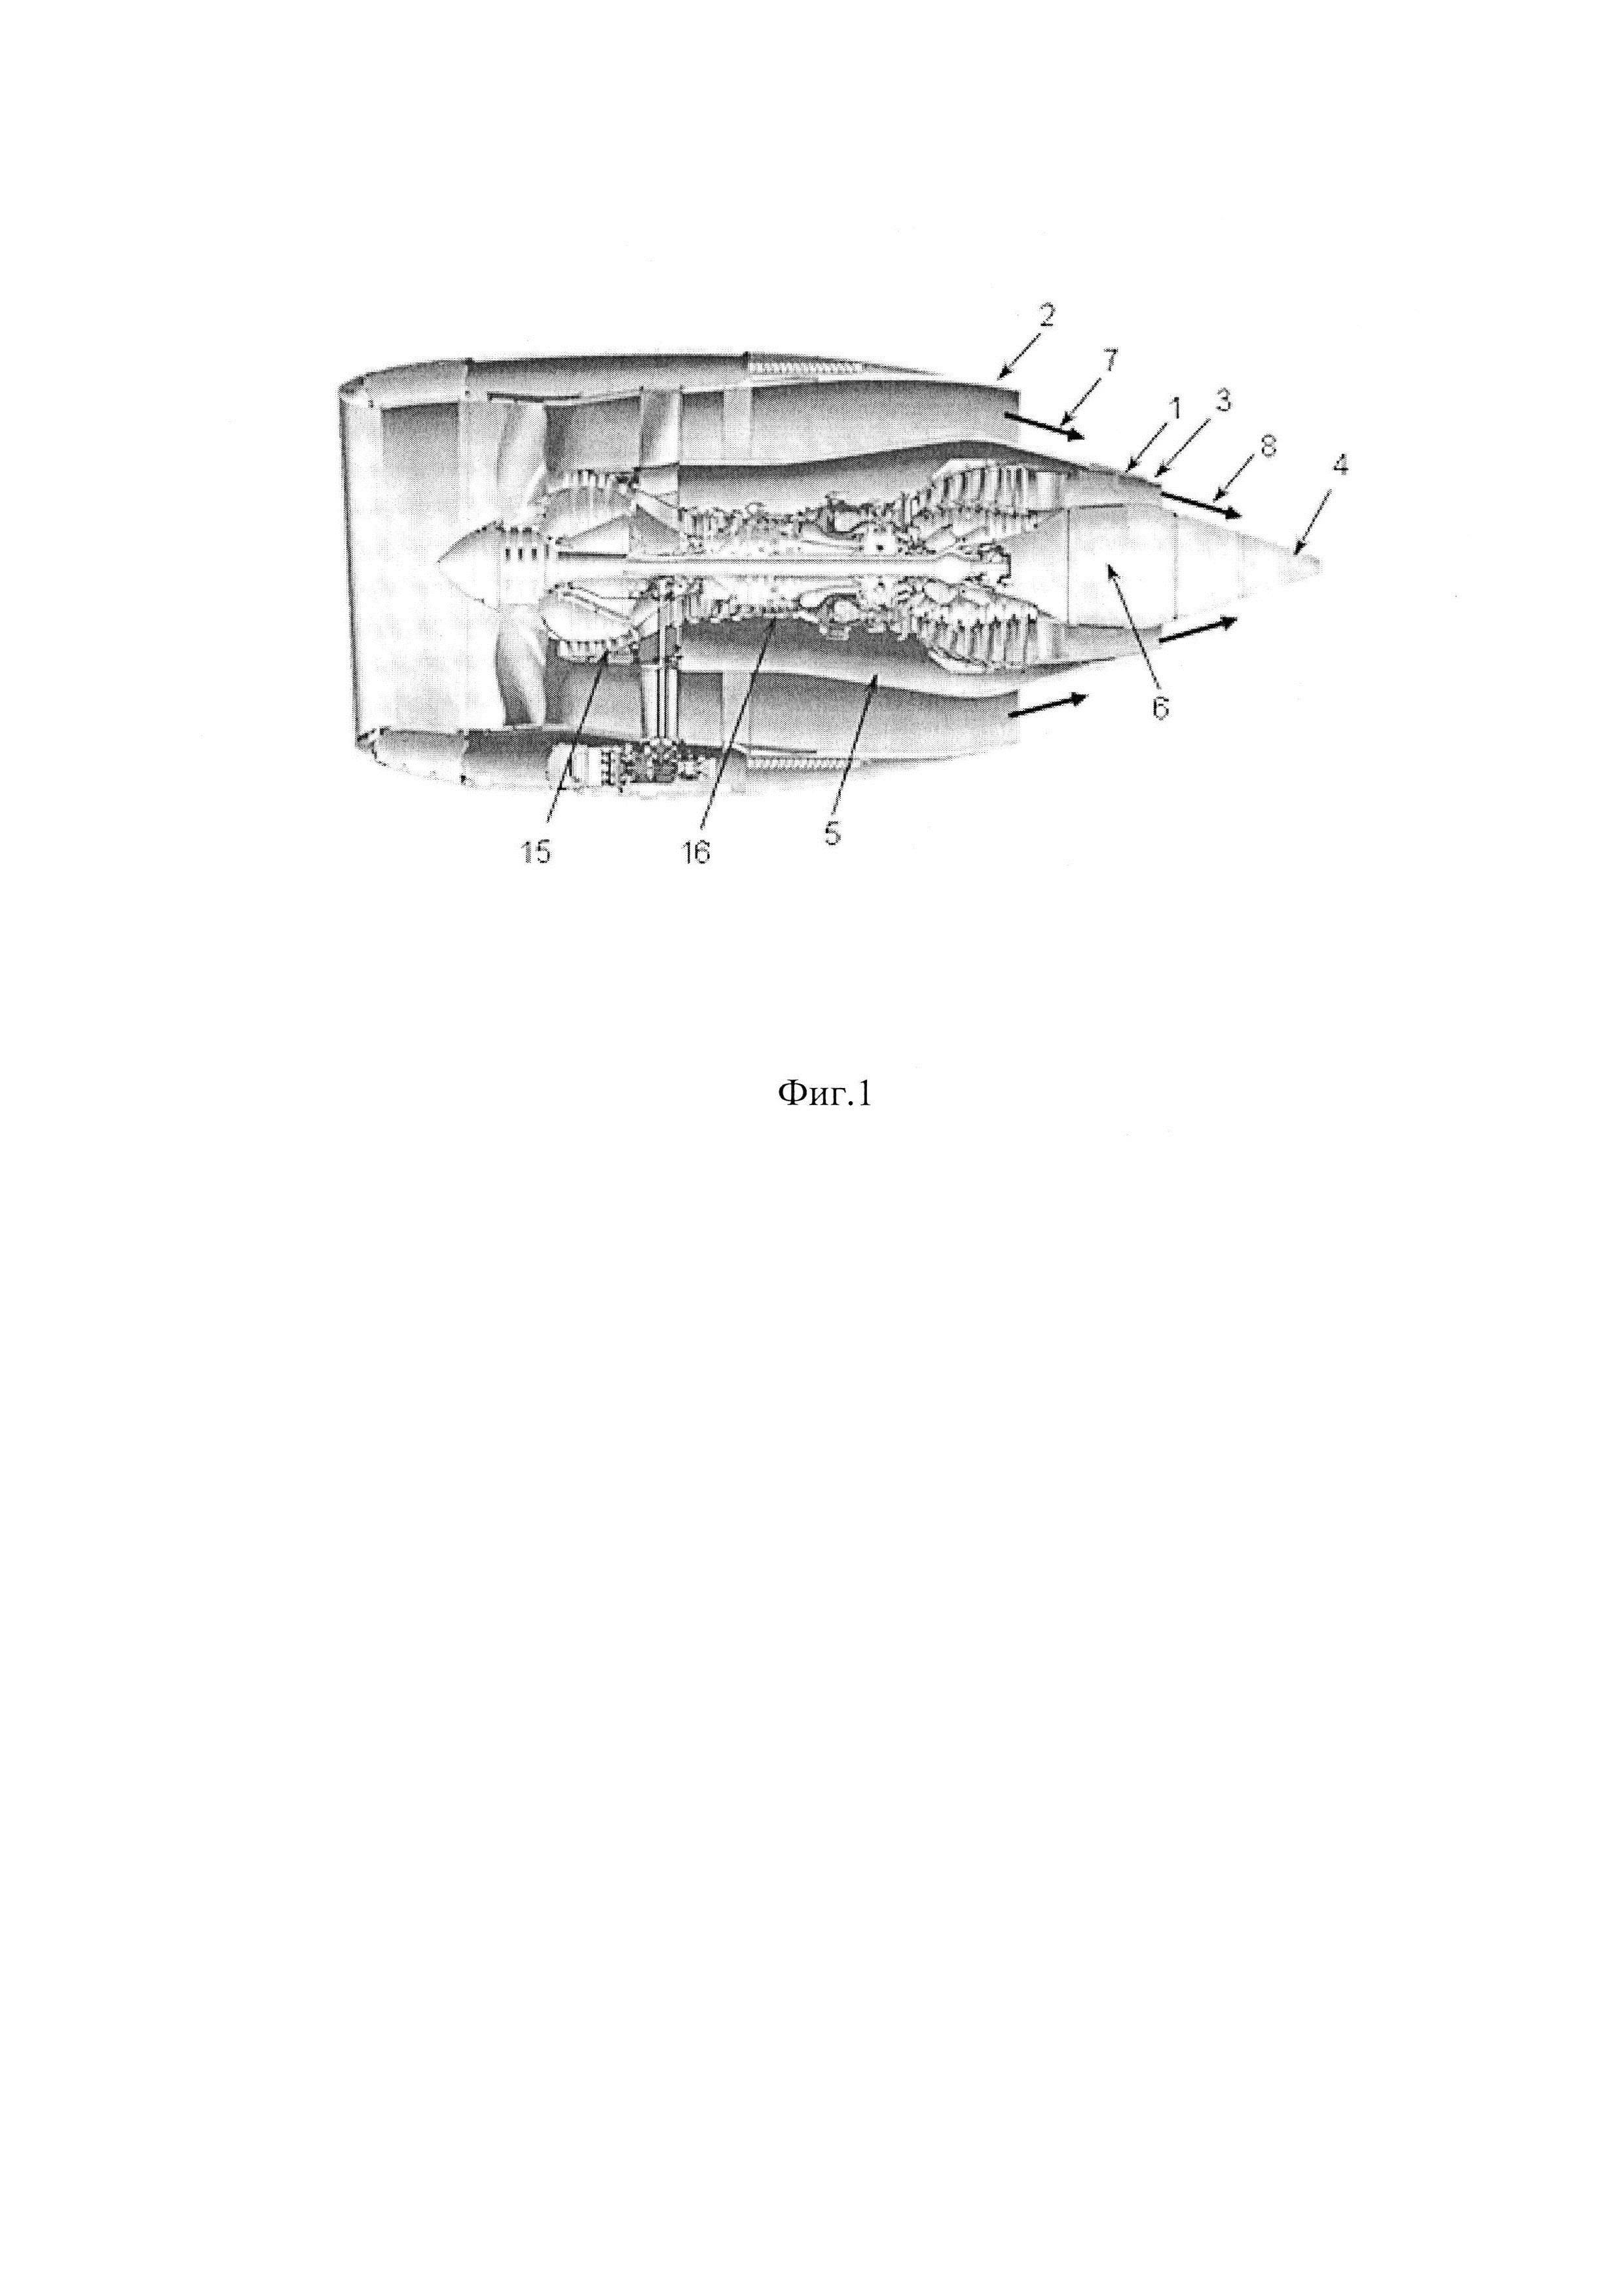 Турбореактивный двухконтурный двигатель с раздельным истечением потоков из сопел